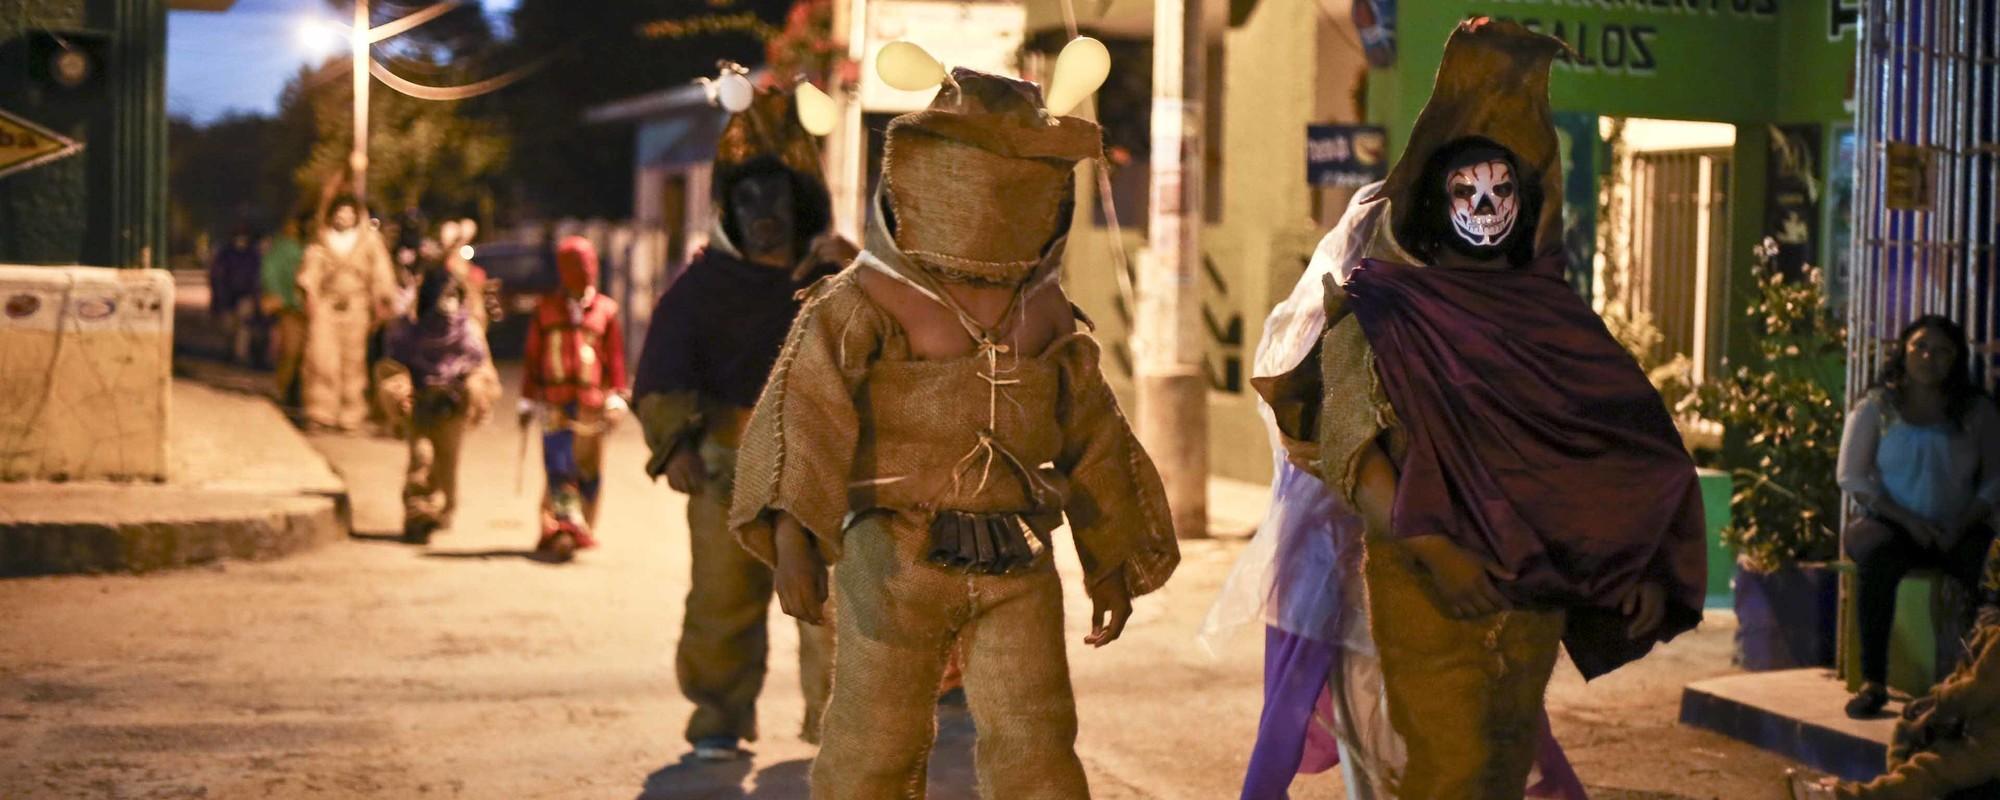 Fotos: Los osos del carnaval del Nunkiní, Campeche